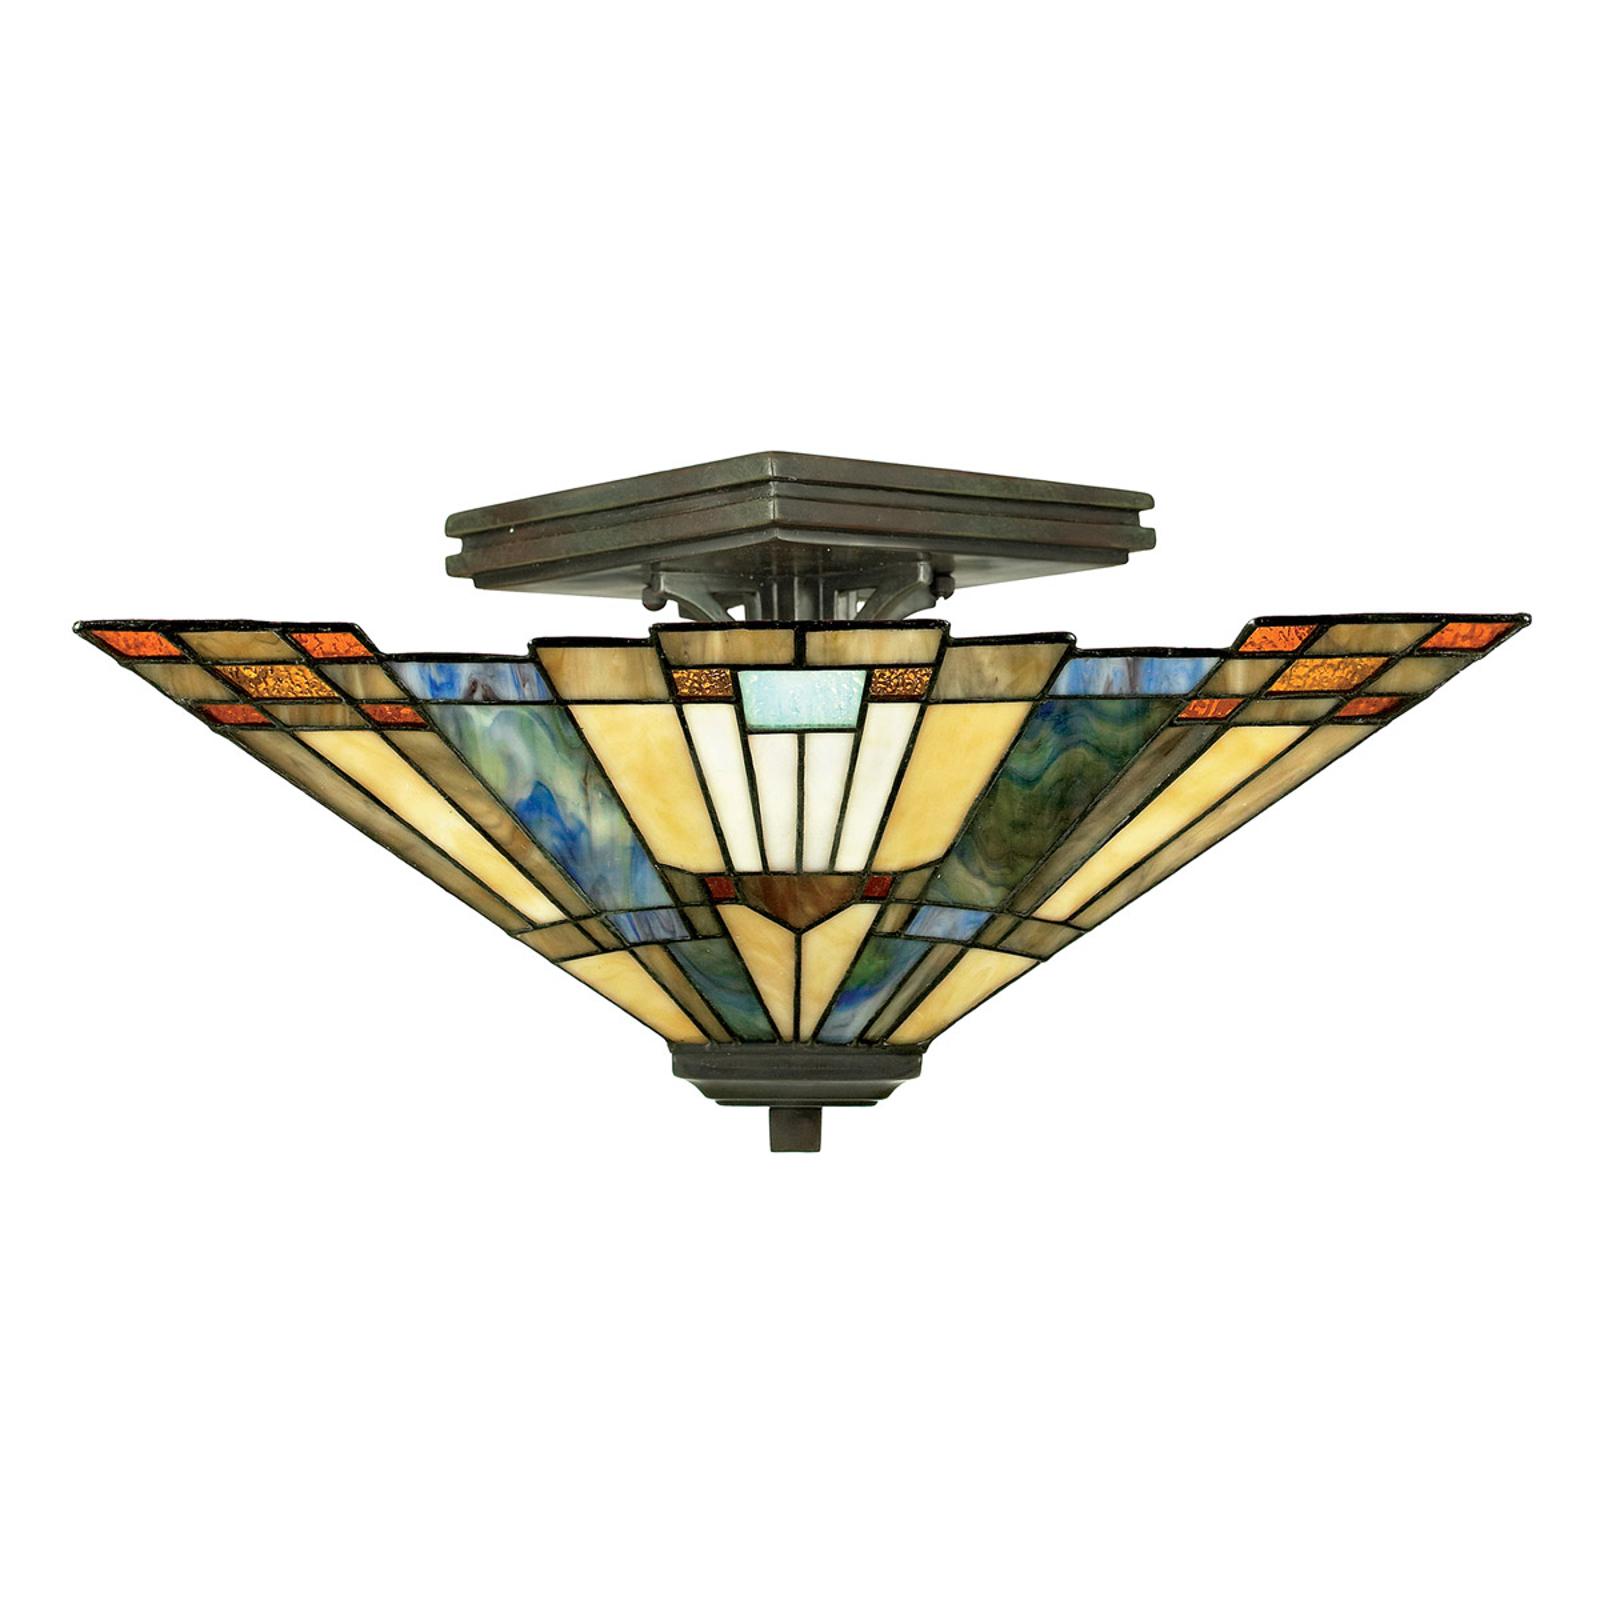 Plafondlamp Inglenook met bont glas